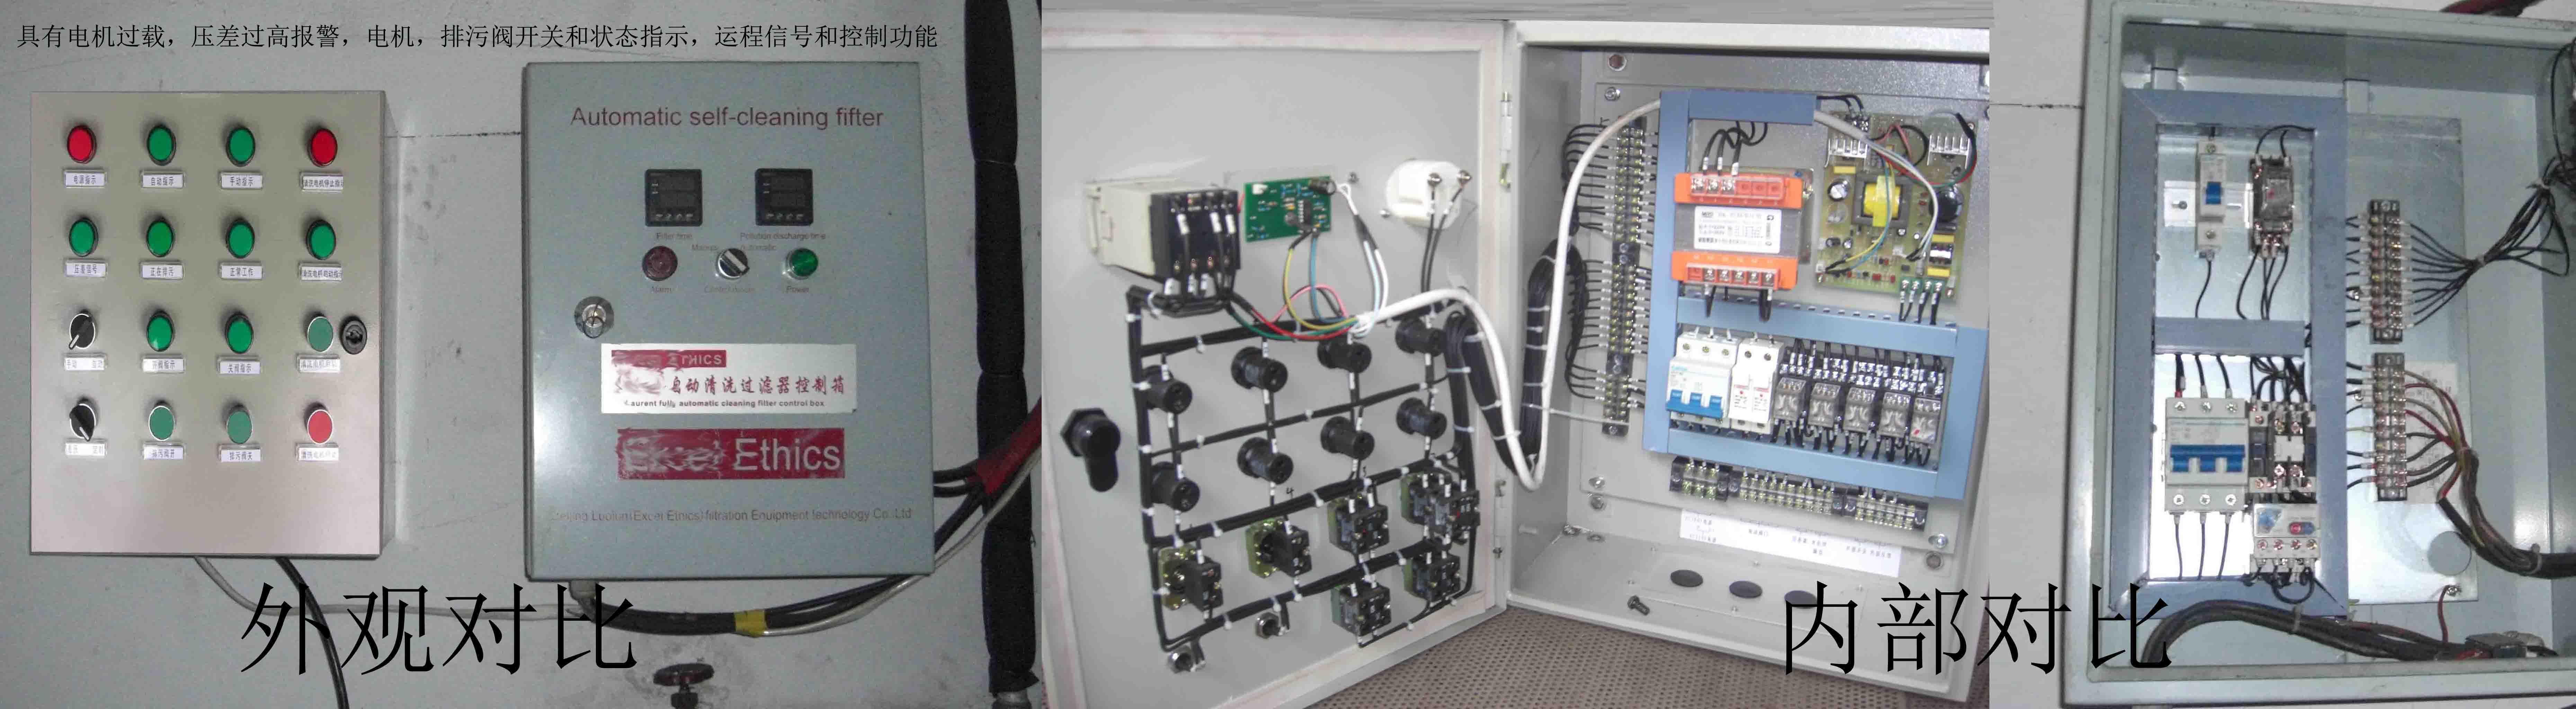 全自动自清洗过滤器控制系统